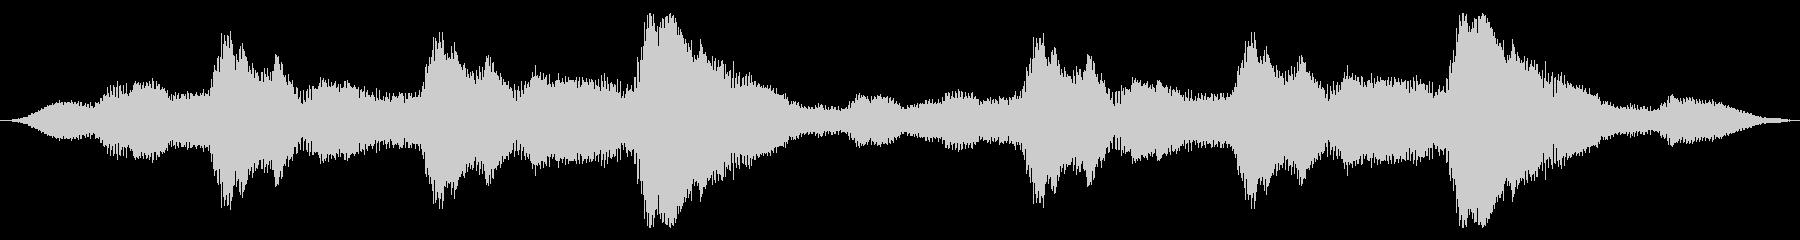 スペースドローン:エレクトロバズスワールの未再生の波形